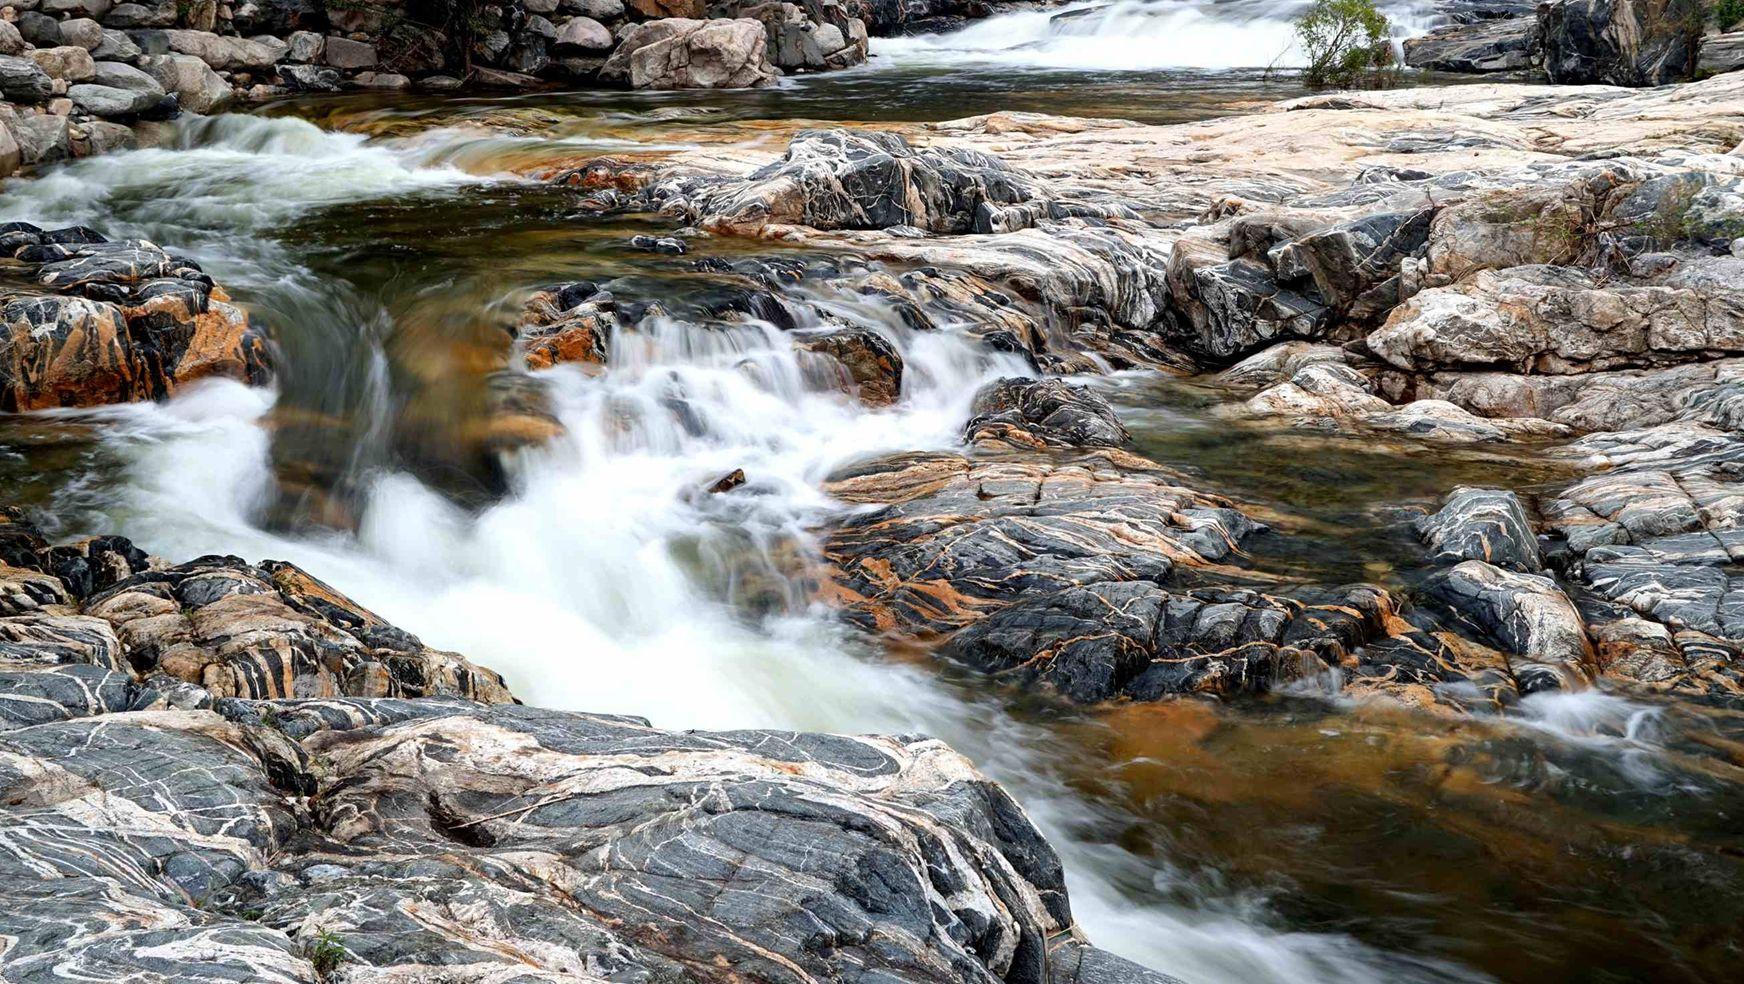 泰山彩石溪位于泰山西麓的桃花峪景区内,长约2公里,溪中流水之下忽如彩石铺就,溪底一条条石纹五彩纷呈,阳光照耀下,分外生动,这就是著名的彩石溪。 弯弯曲曲的溪水像是被彩石染上了色,也像是一条五彩的飘带,在此流淌得格外精神。动人的彩石常引得游人驻足,如果你细心,就可看见水中的赤鳞鱼。 水在石上流,石在水下走。 彩石溪,画入水中秀,水在画上流。沿溪可观赏色彩斑斓的带状彩石。十八亿年五世同堂的地质奇观。十里山涧,彩石平铺溪底。波光潋滟,奇特地质地貌,犹如泼墨大写意。 沿溪而上漫步于乱石铺阶的步游路可欣赏那四时不